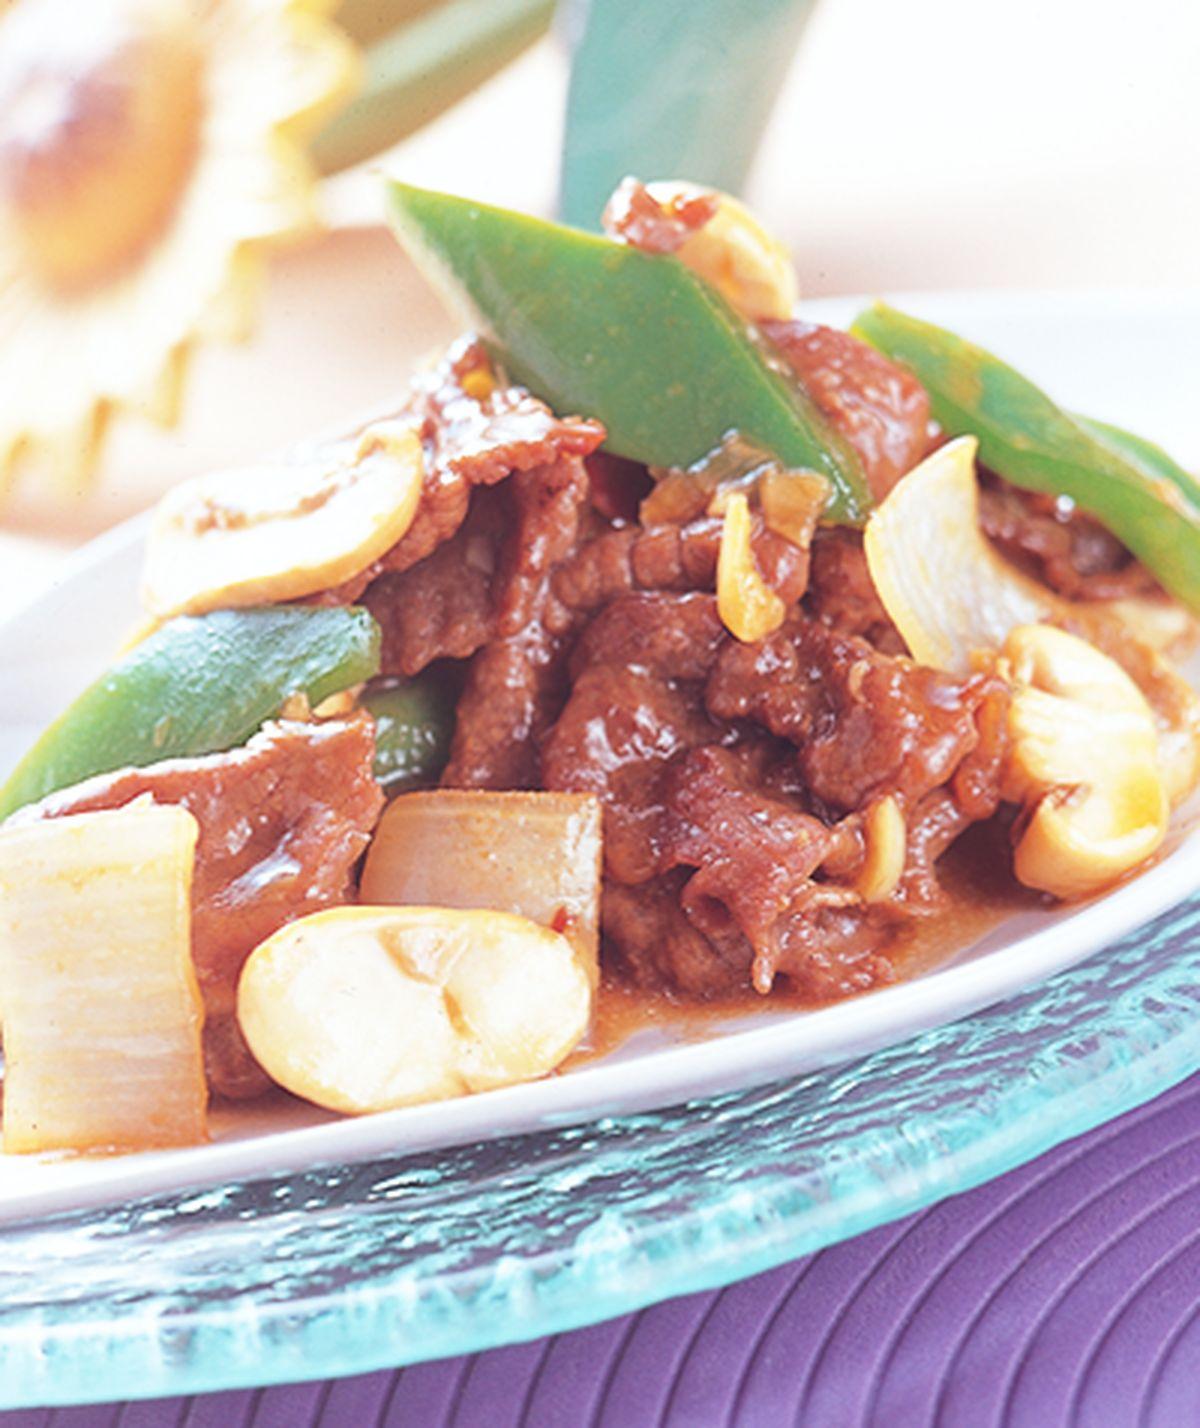 食譜:青椒炒牛肉